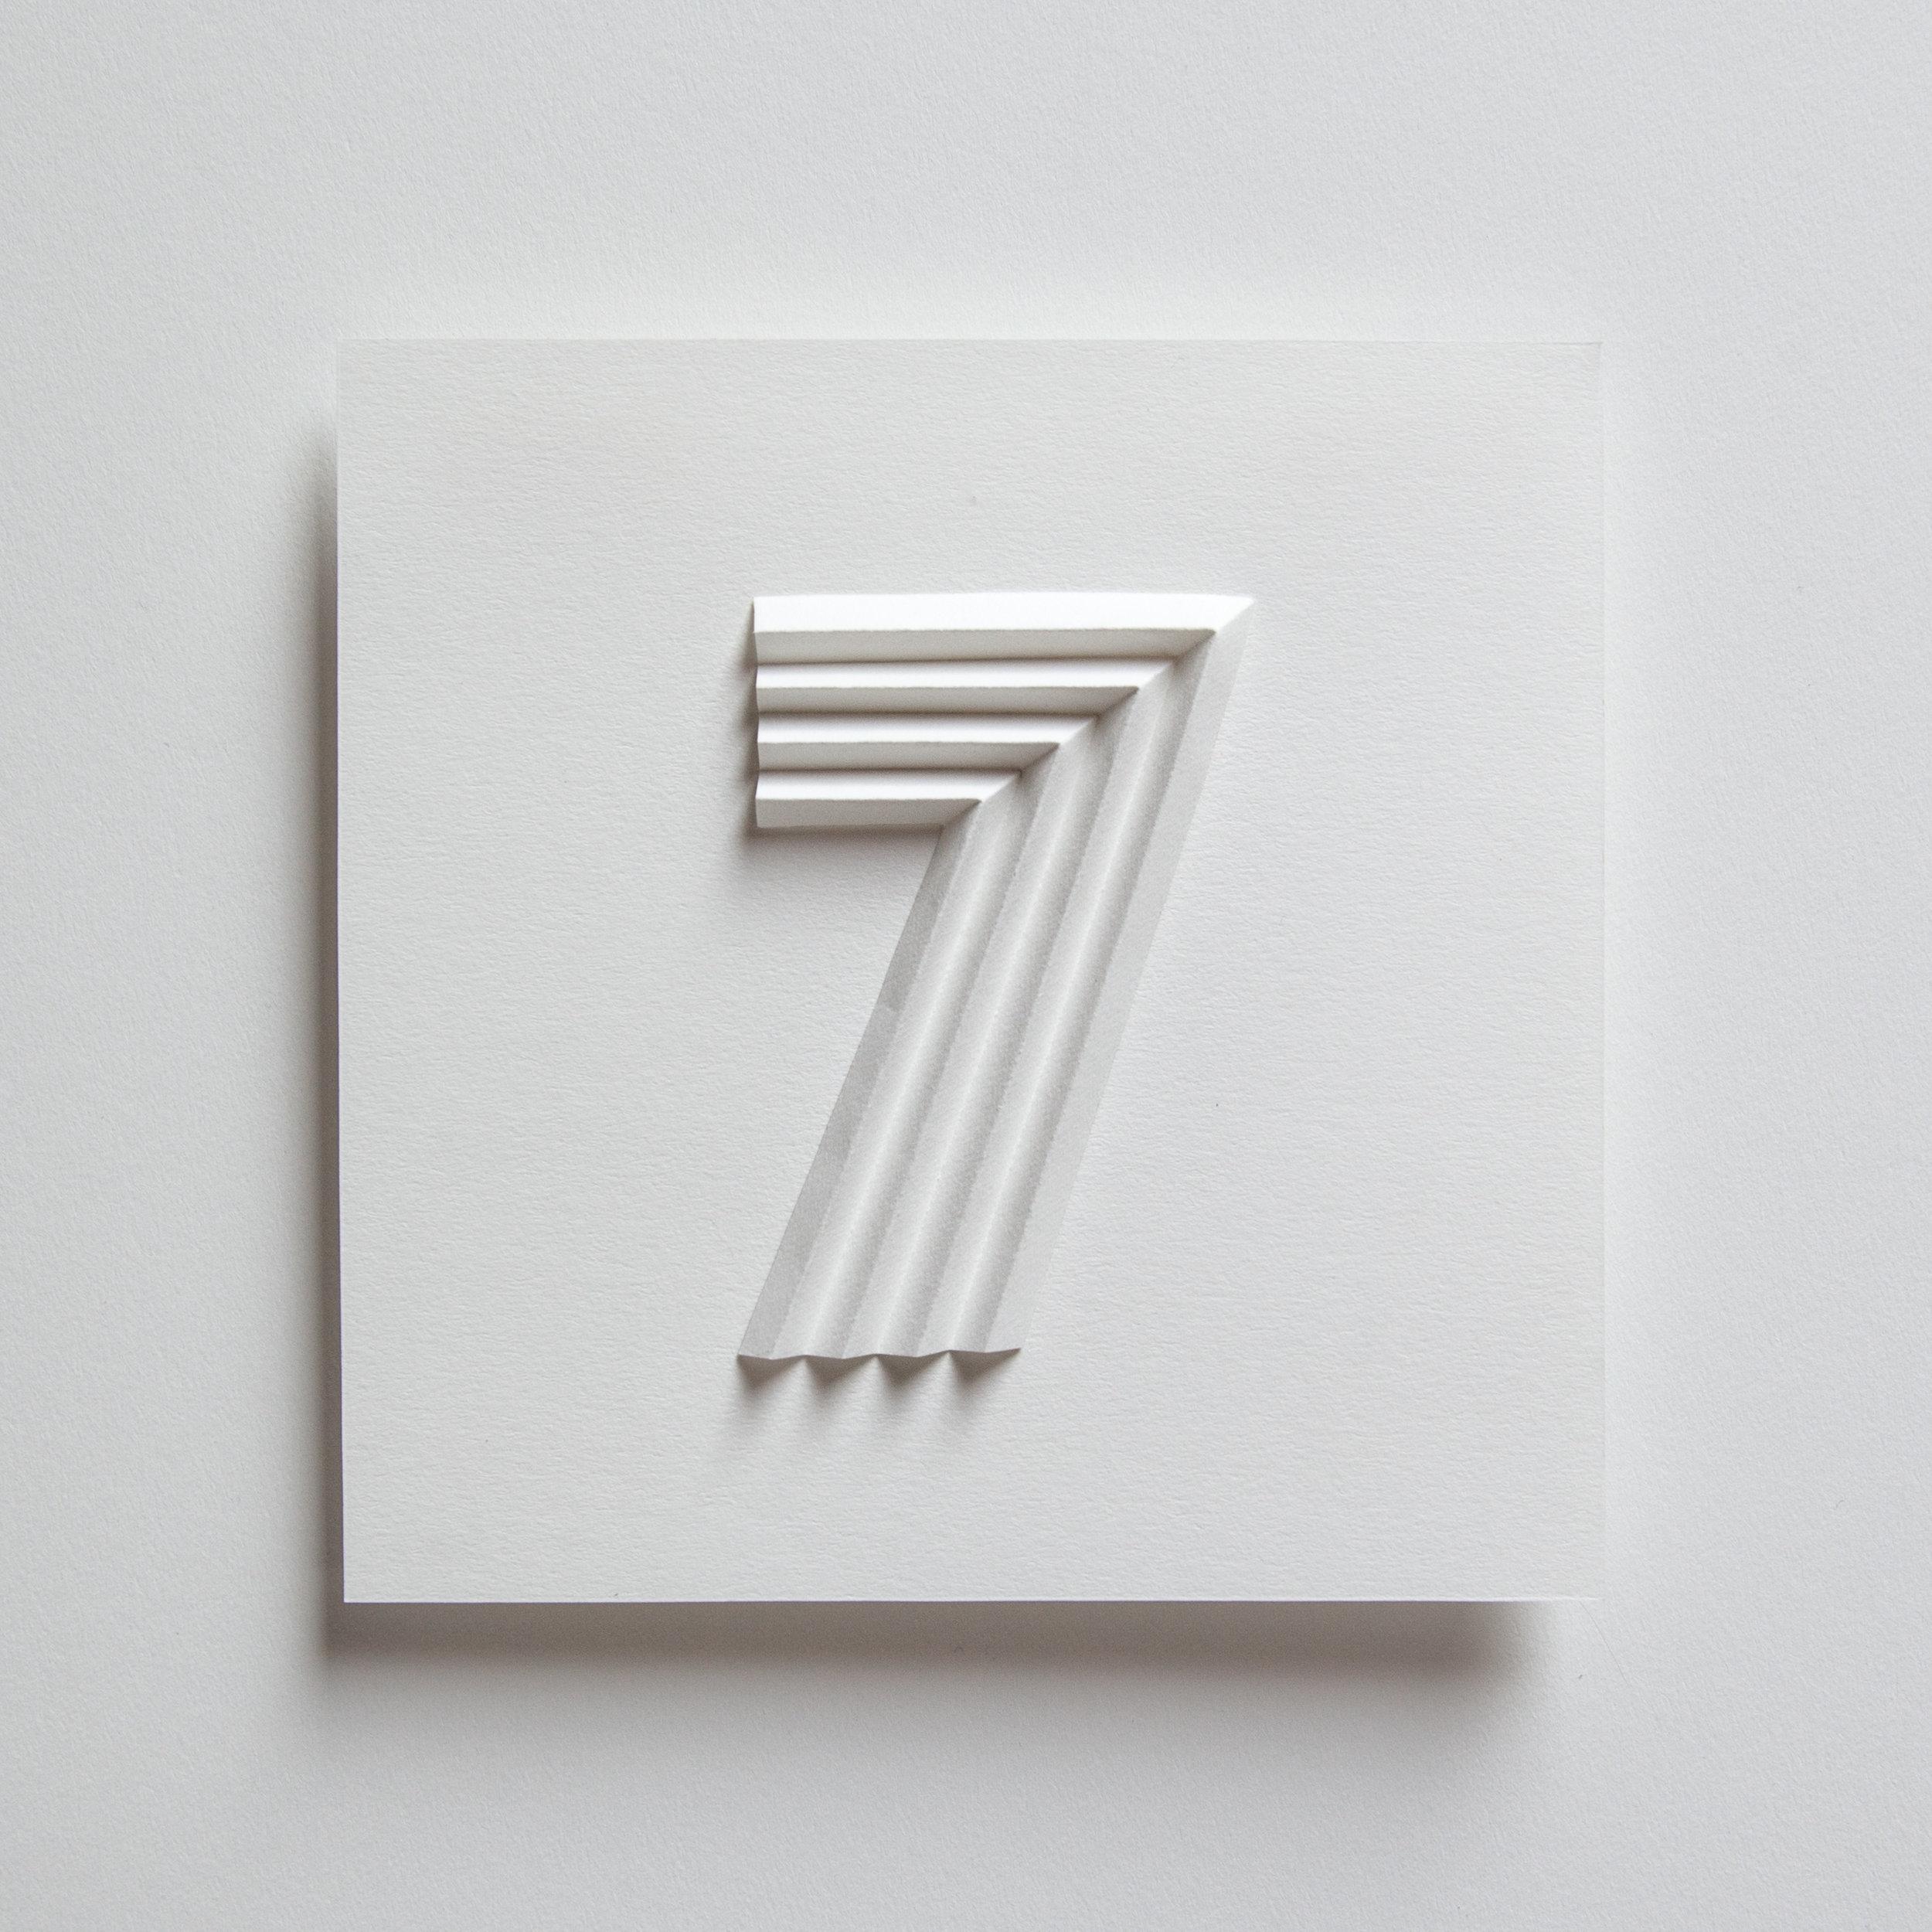 2019-05-zai-divecha-quiet-type-7.jpg